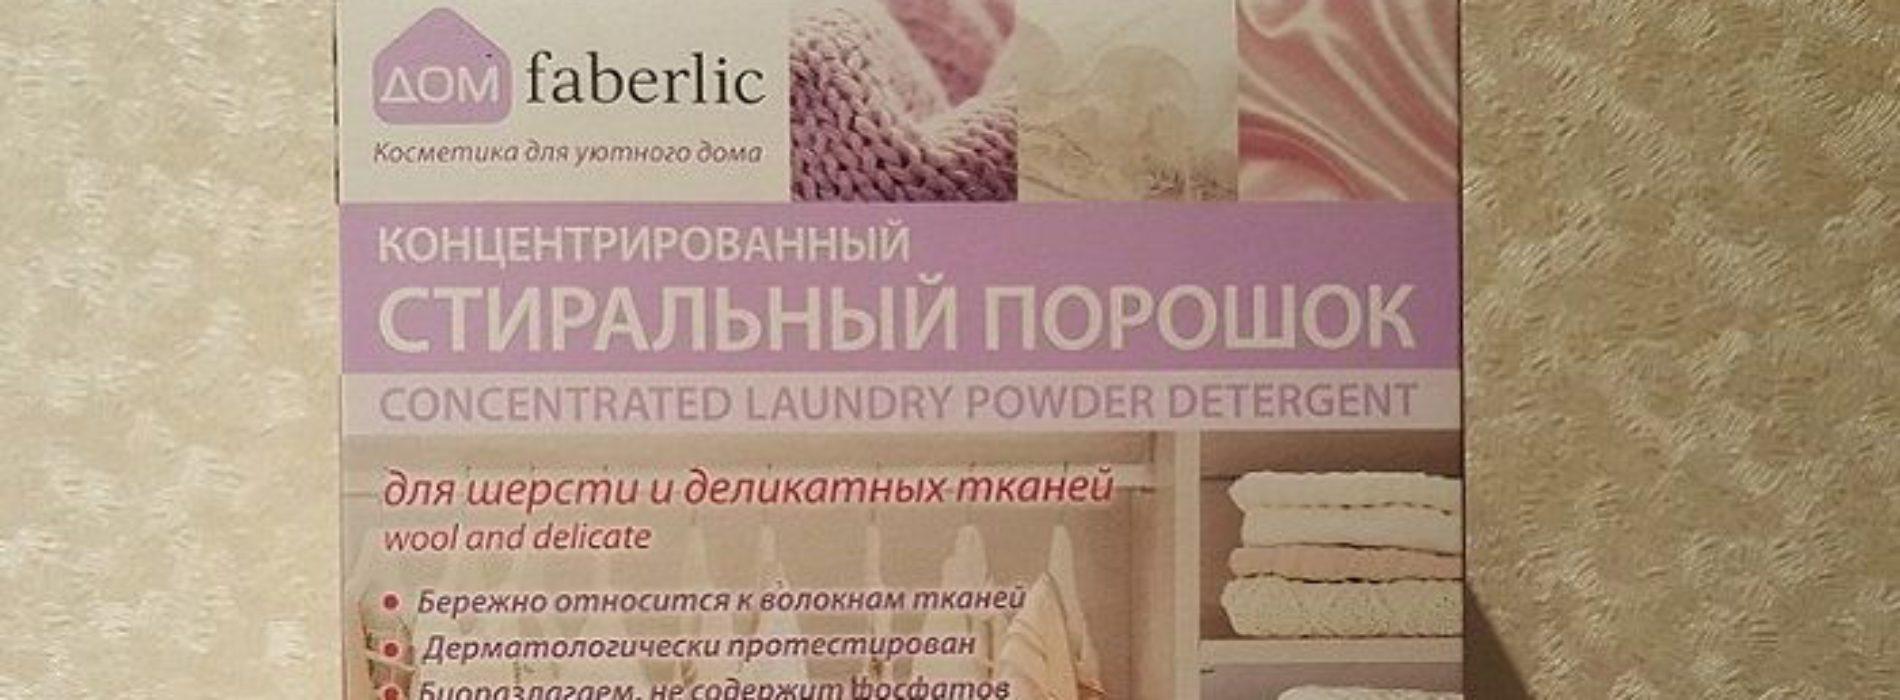 Стиральный порошок от Faberlic